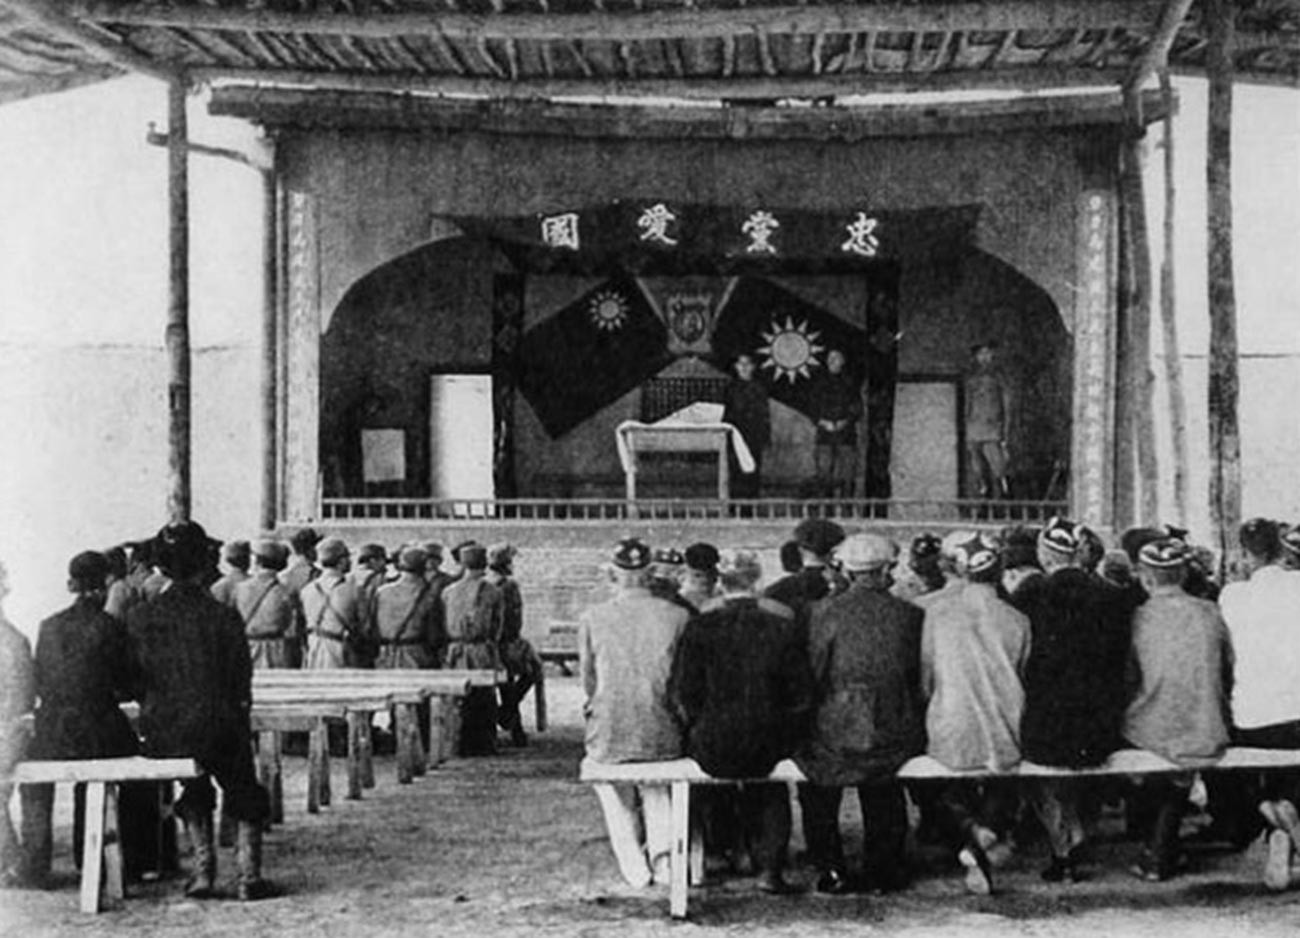 Reunión del partido del Kuomintang en Xinjiang.